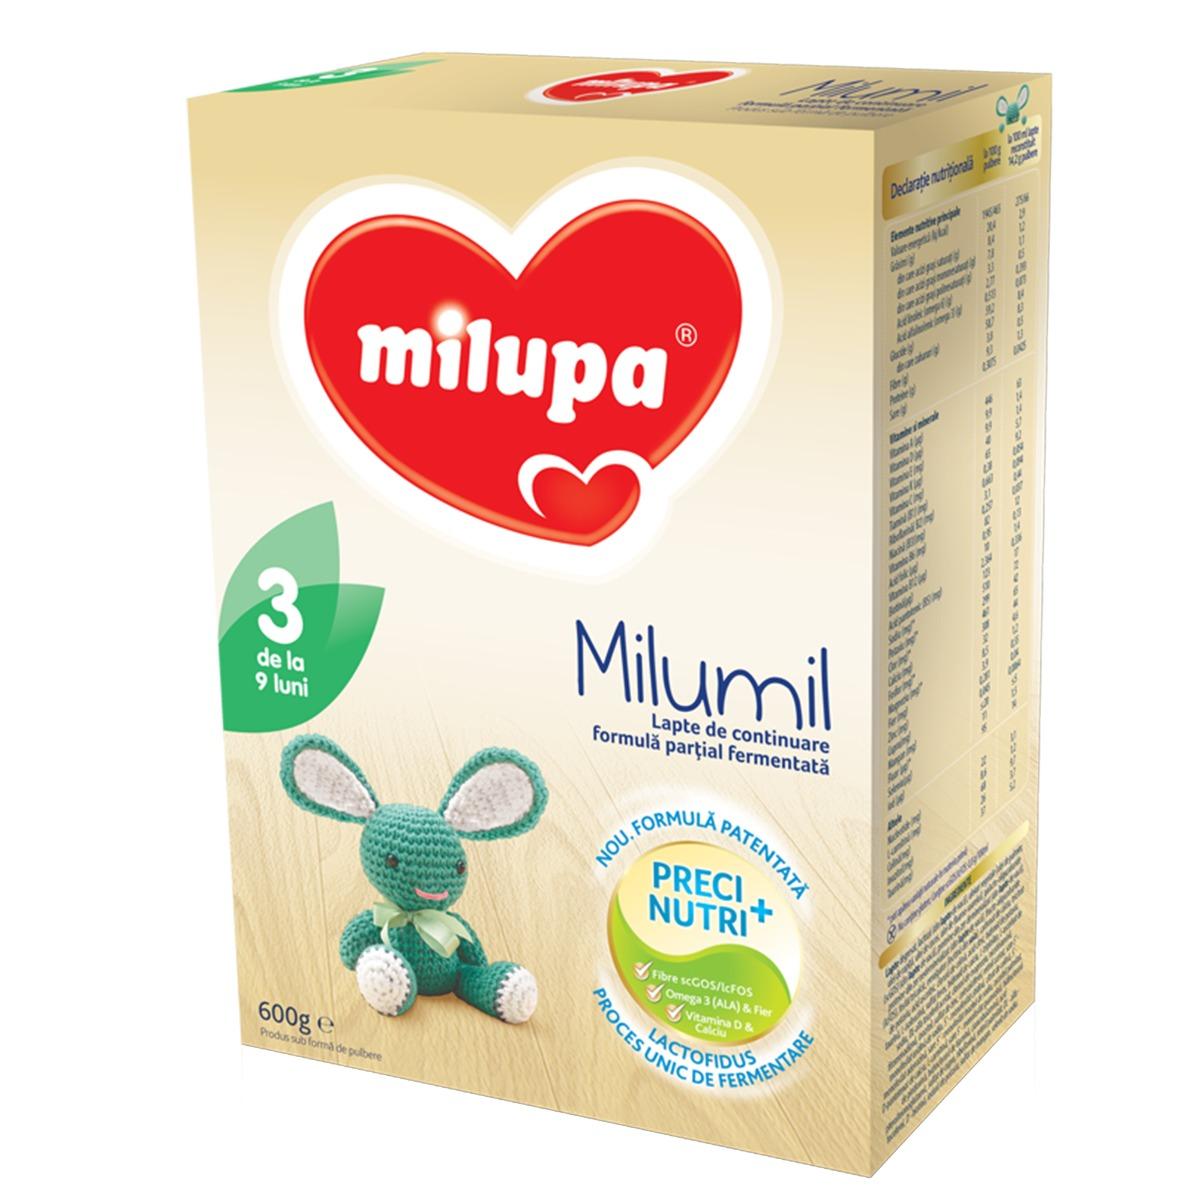 Milupa Milumil 3, Lapte de continuare, 600g imagine